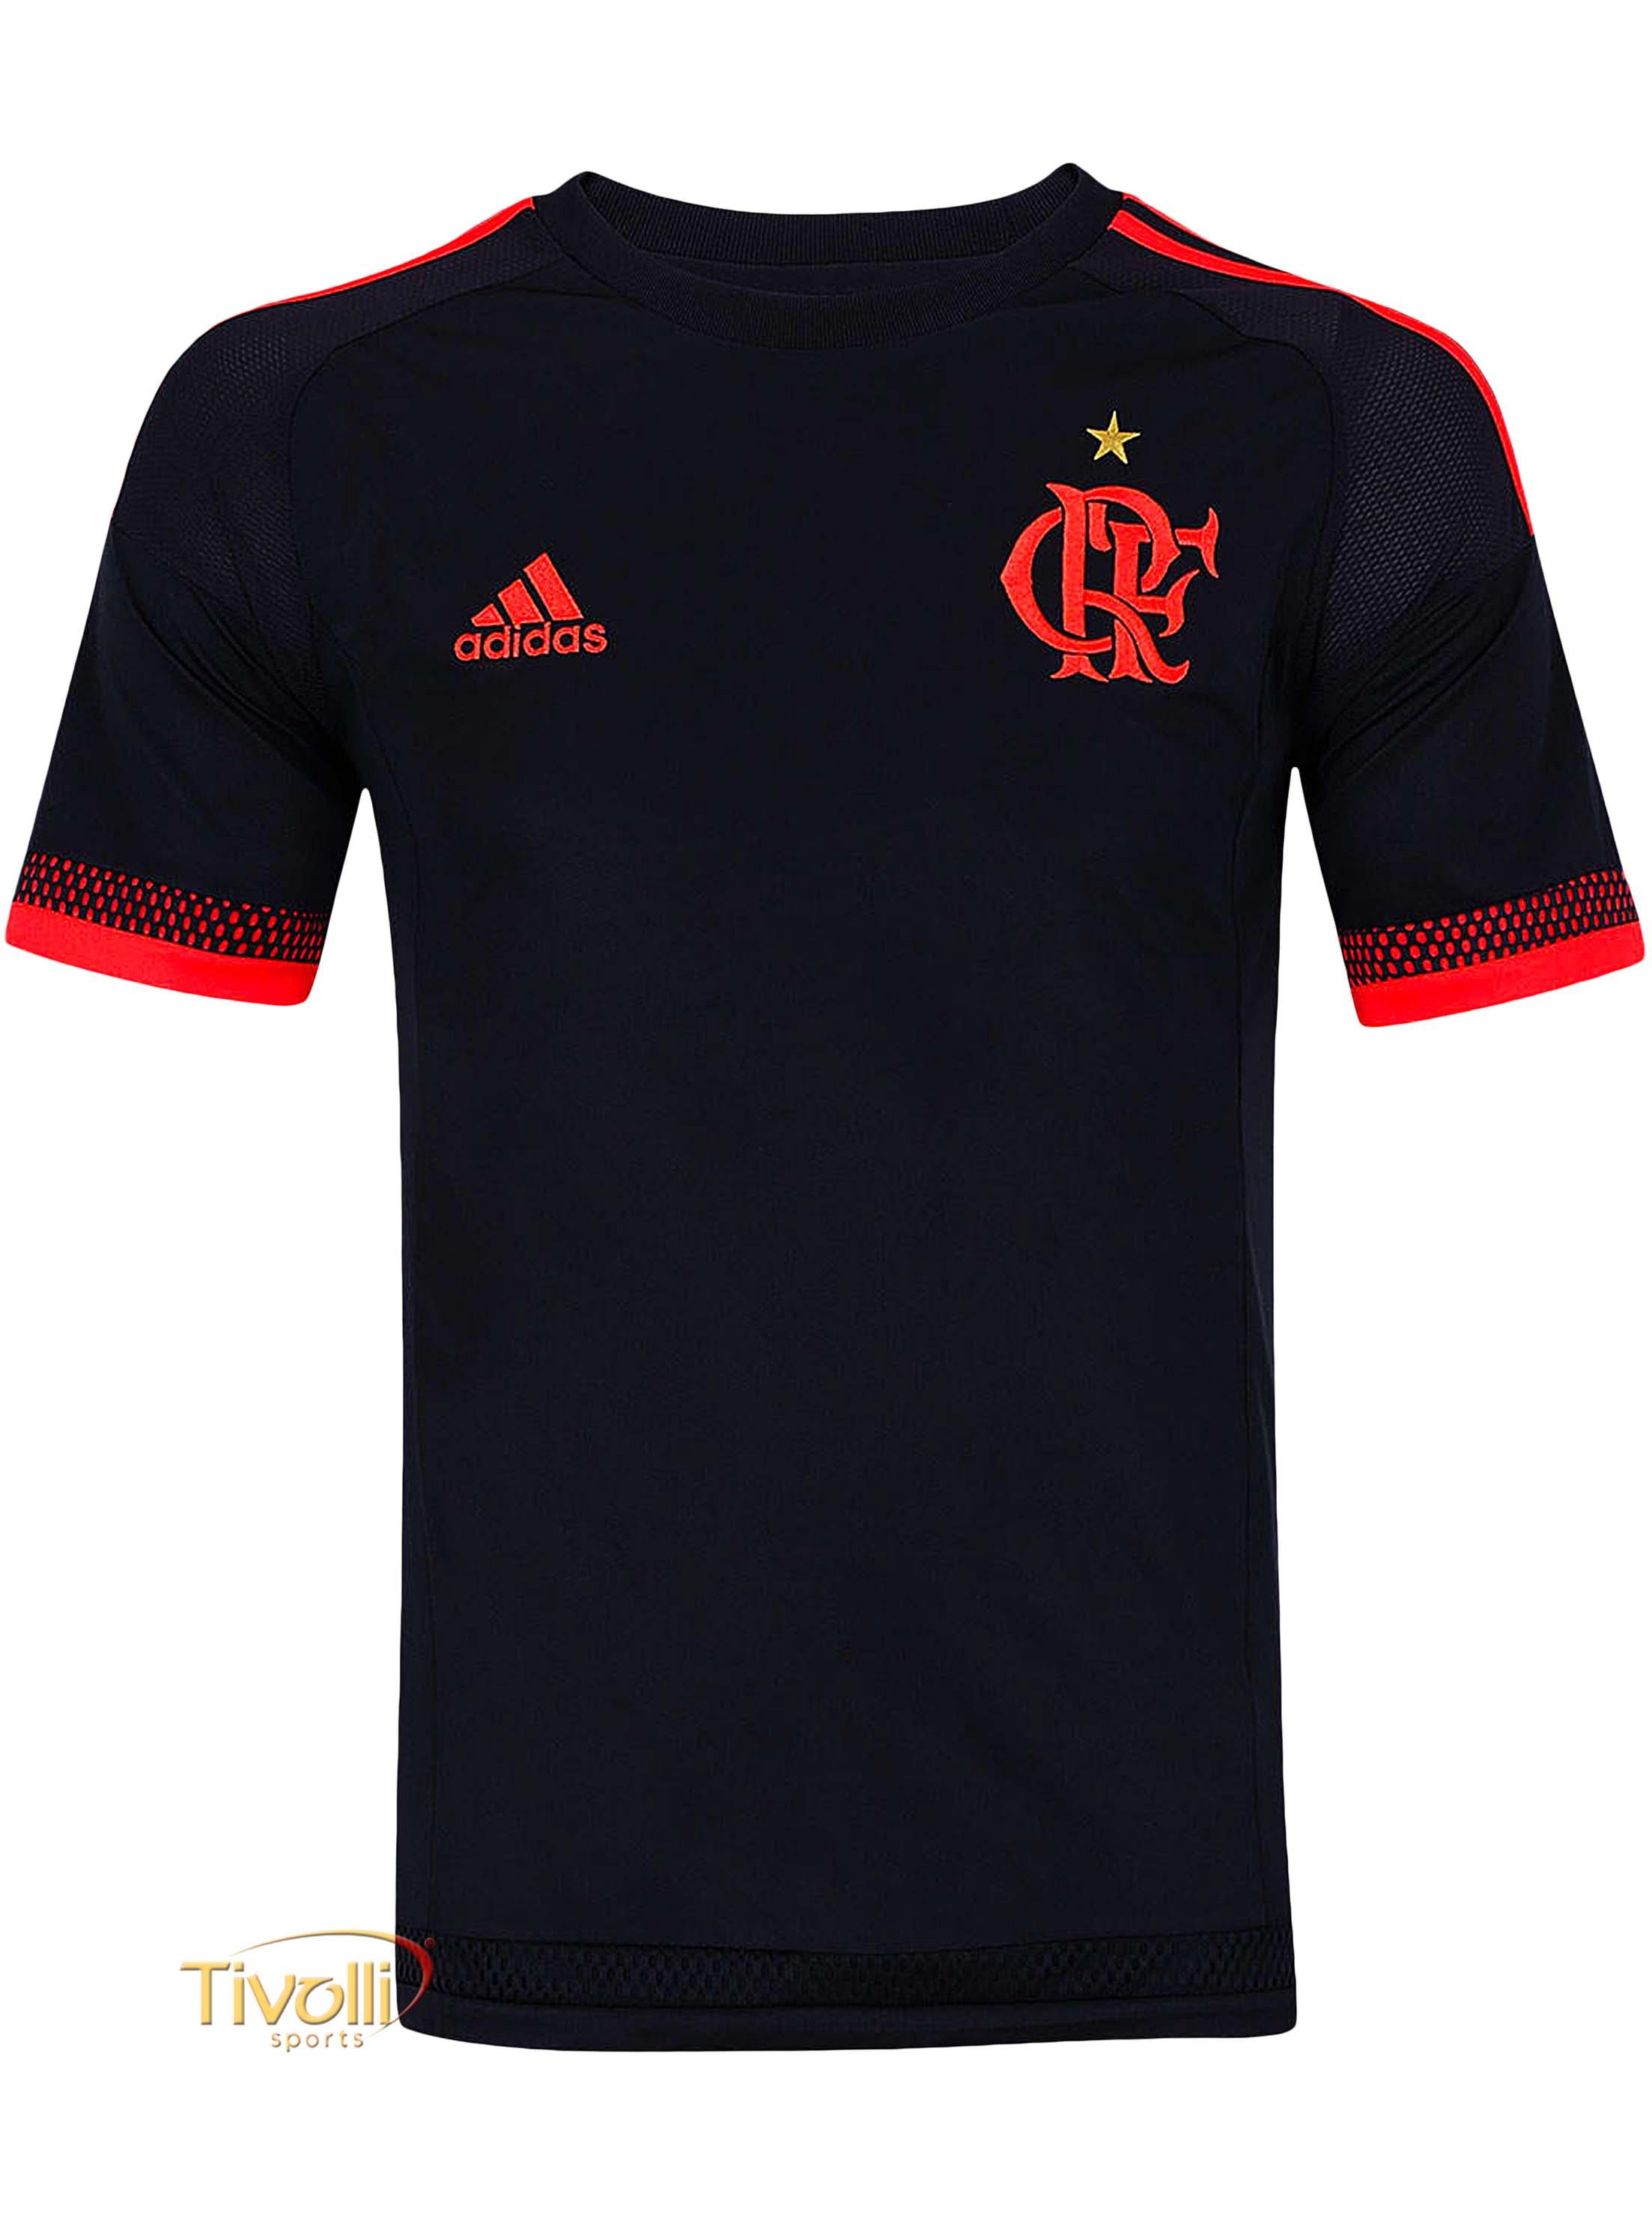 Camisa Flamengo III Adidas 2016   preta e vermelha   29da9e488ac50